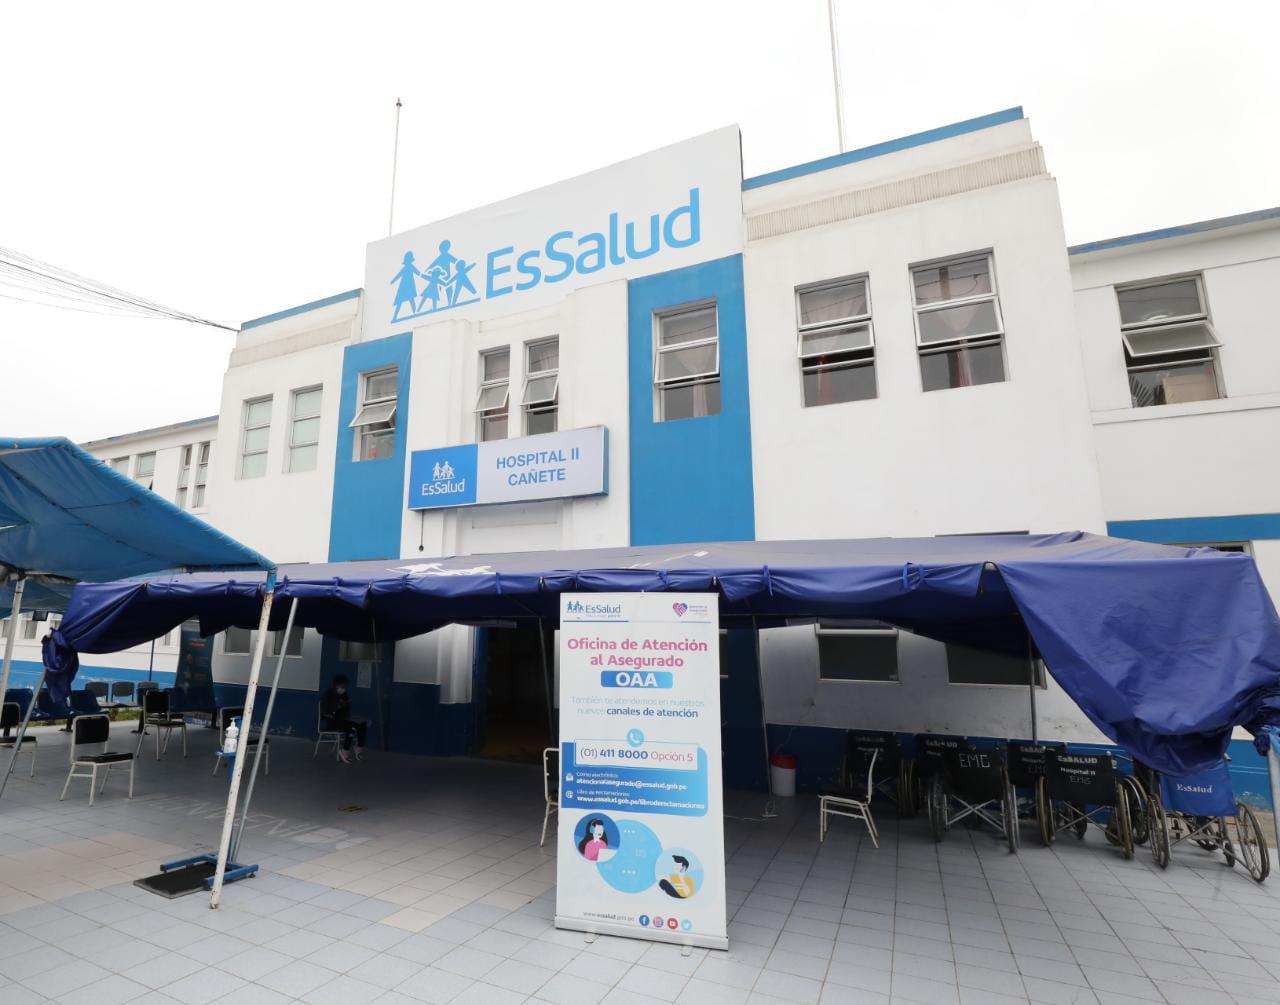 Hospital II Cañete de EsSalud cumple 73 años y reinicia cirugías en beneficio de los asegurados